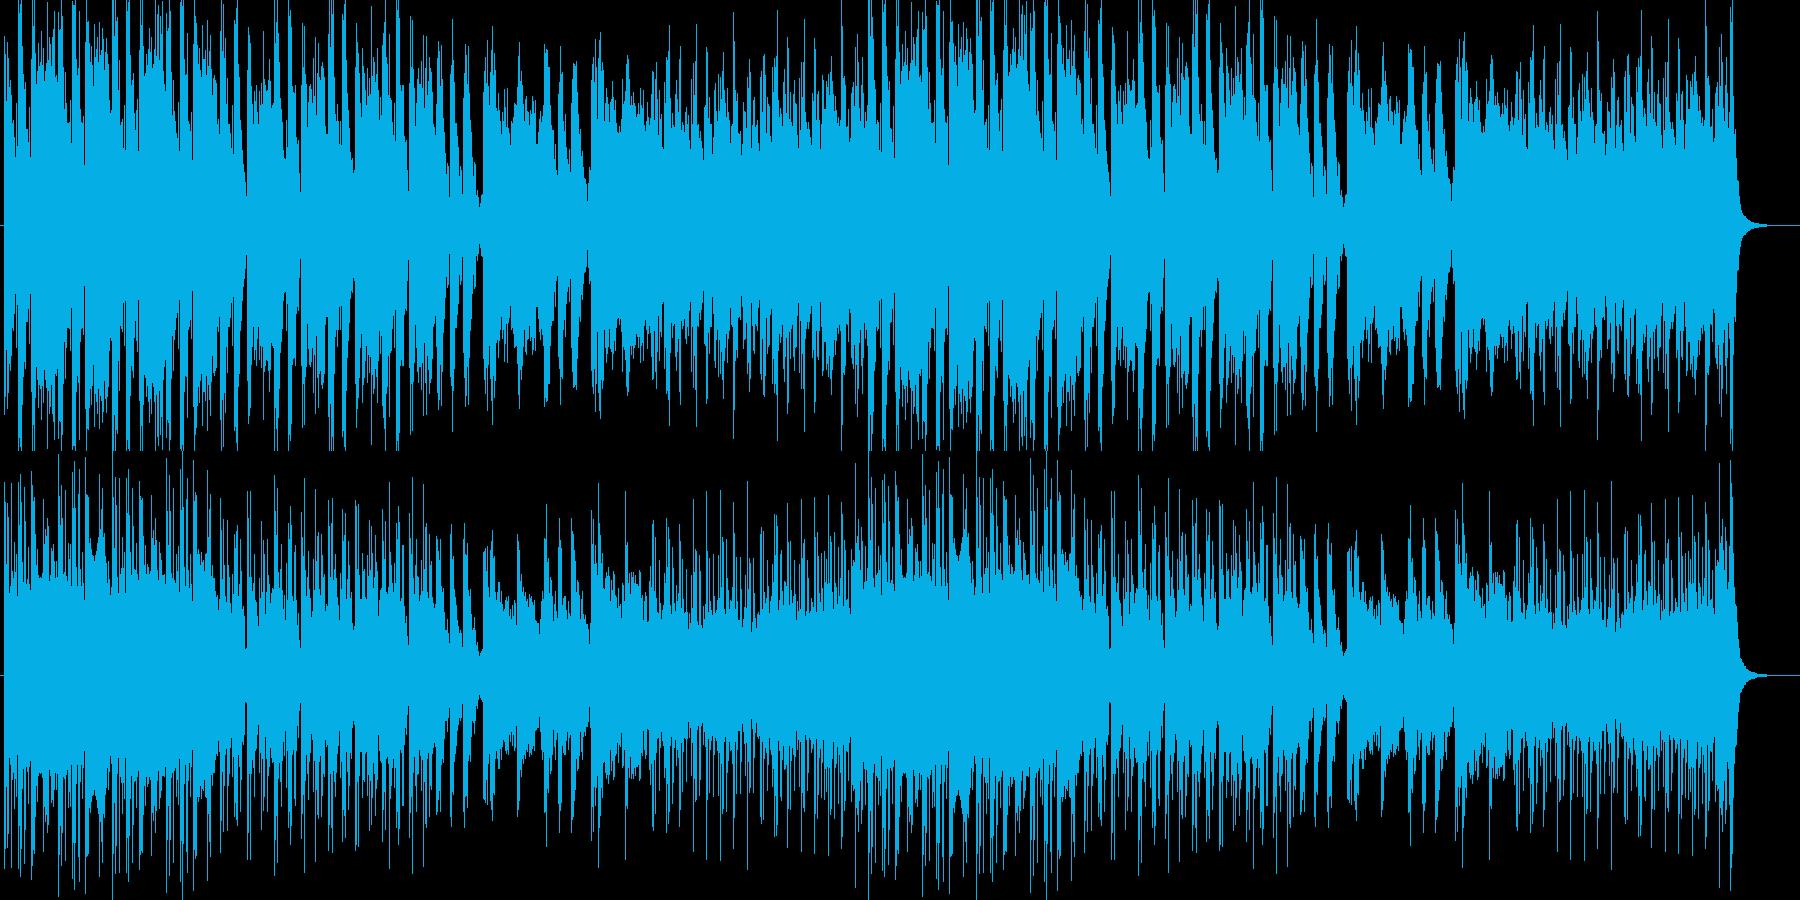 激しくて、不気味さがある楽曲の再生済みの波形